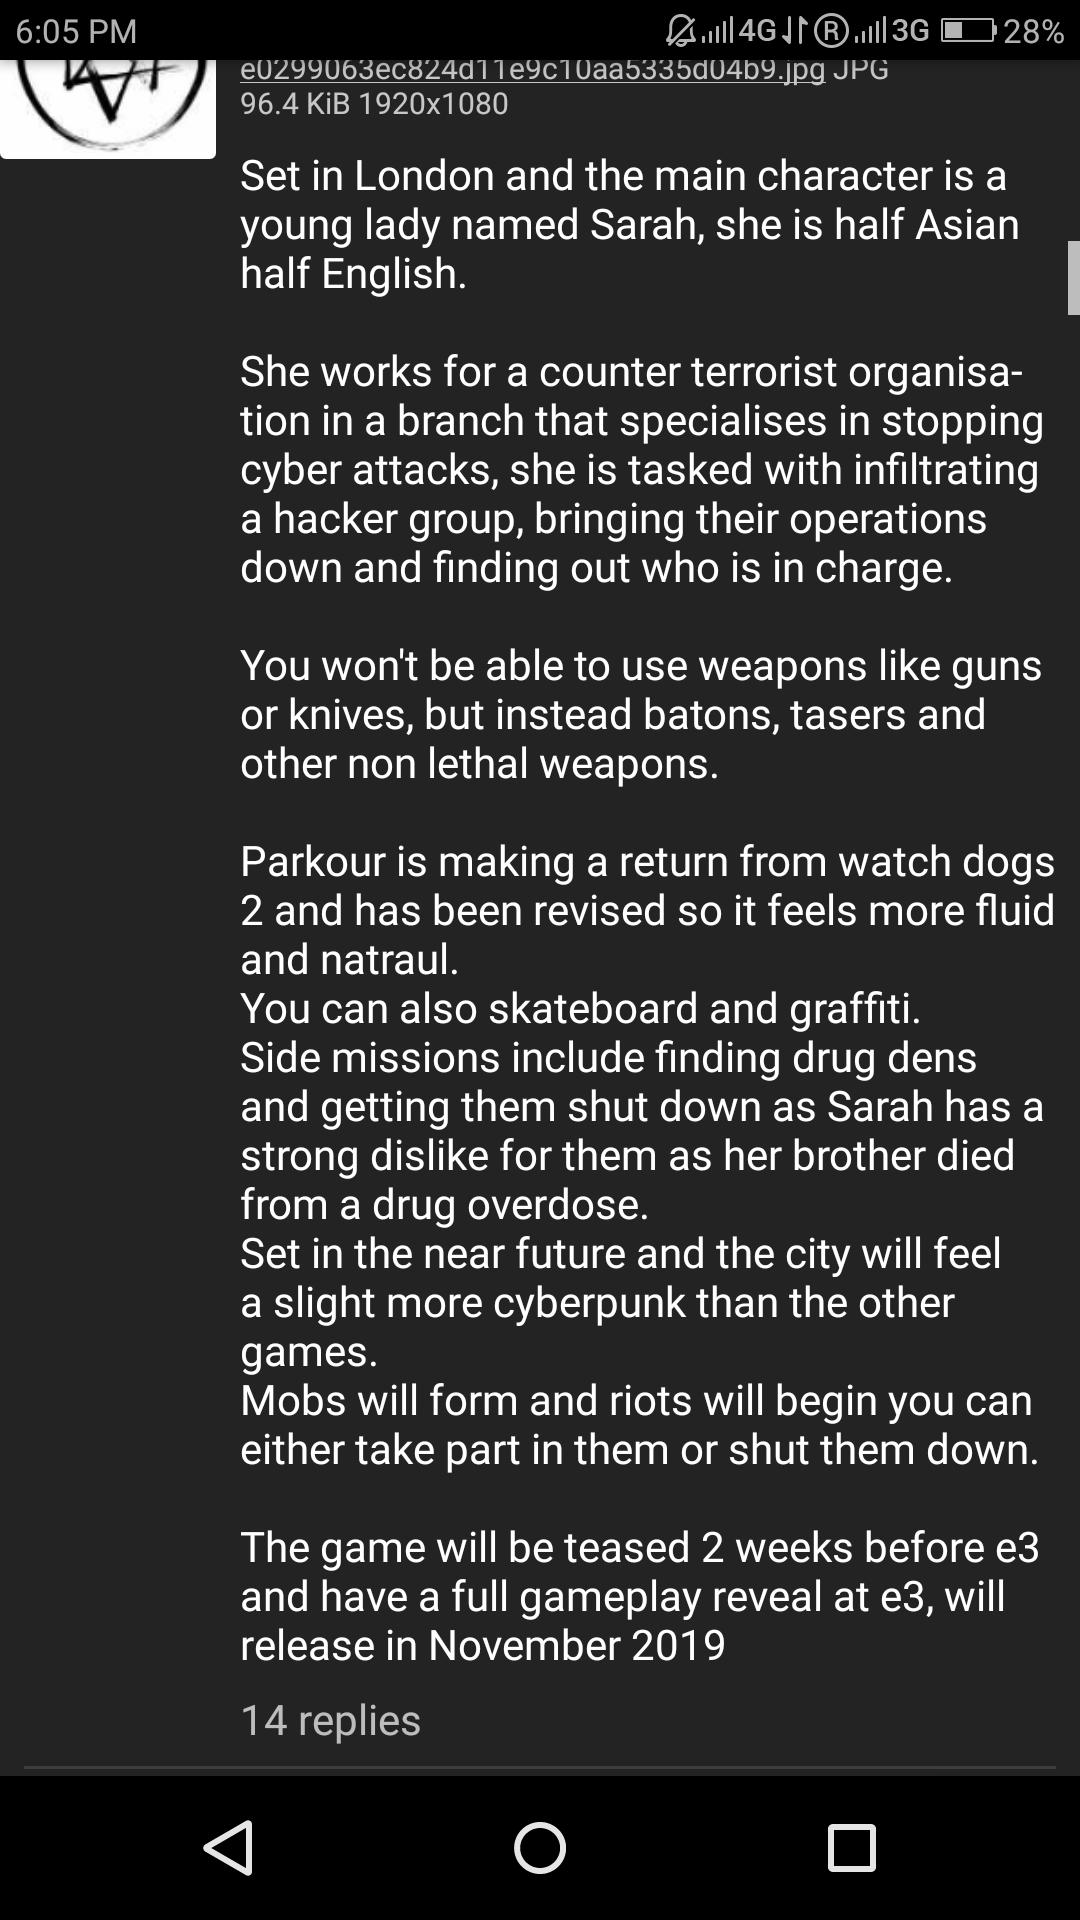 WD3_reddit_leaks.png